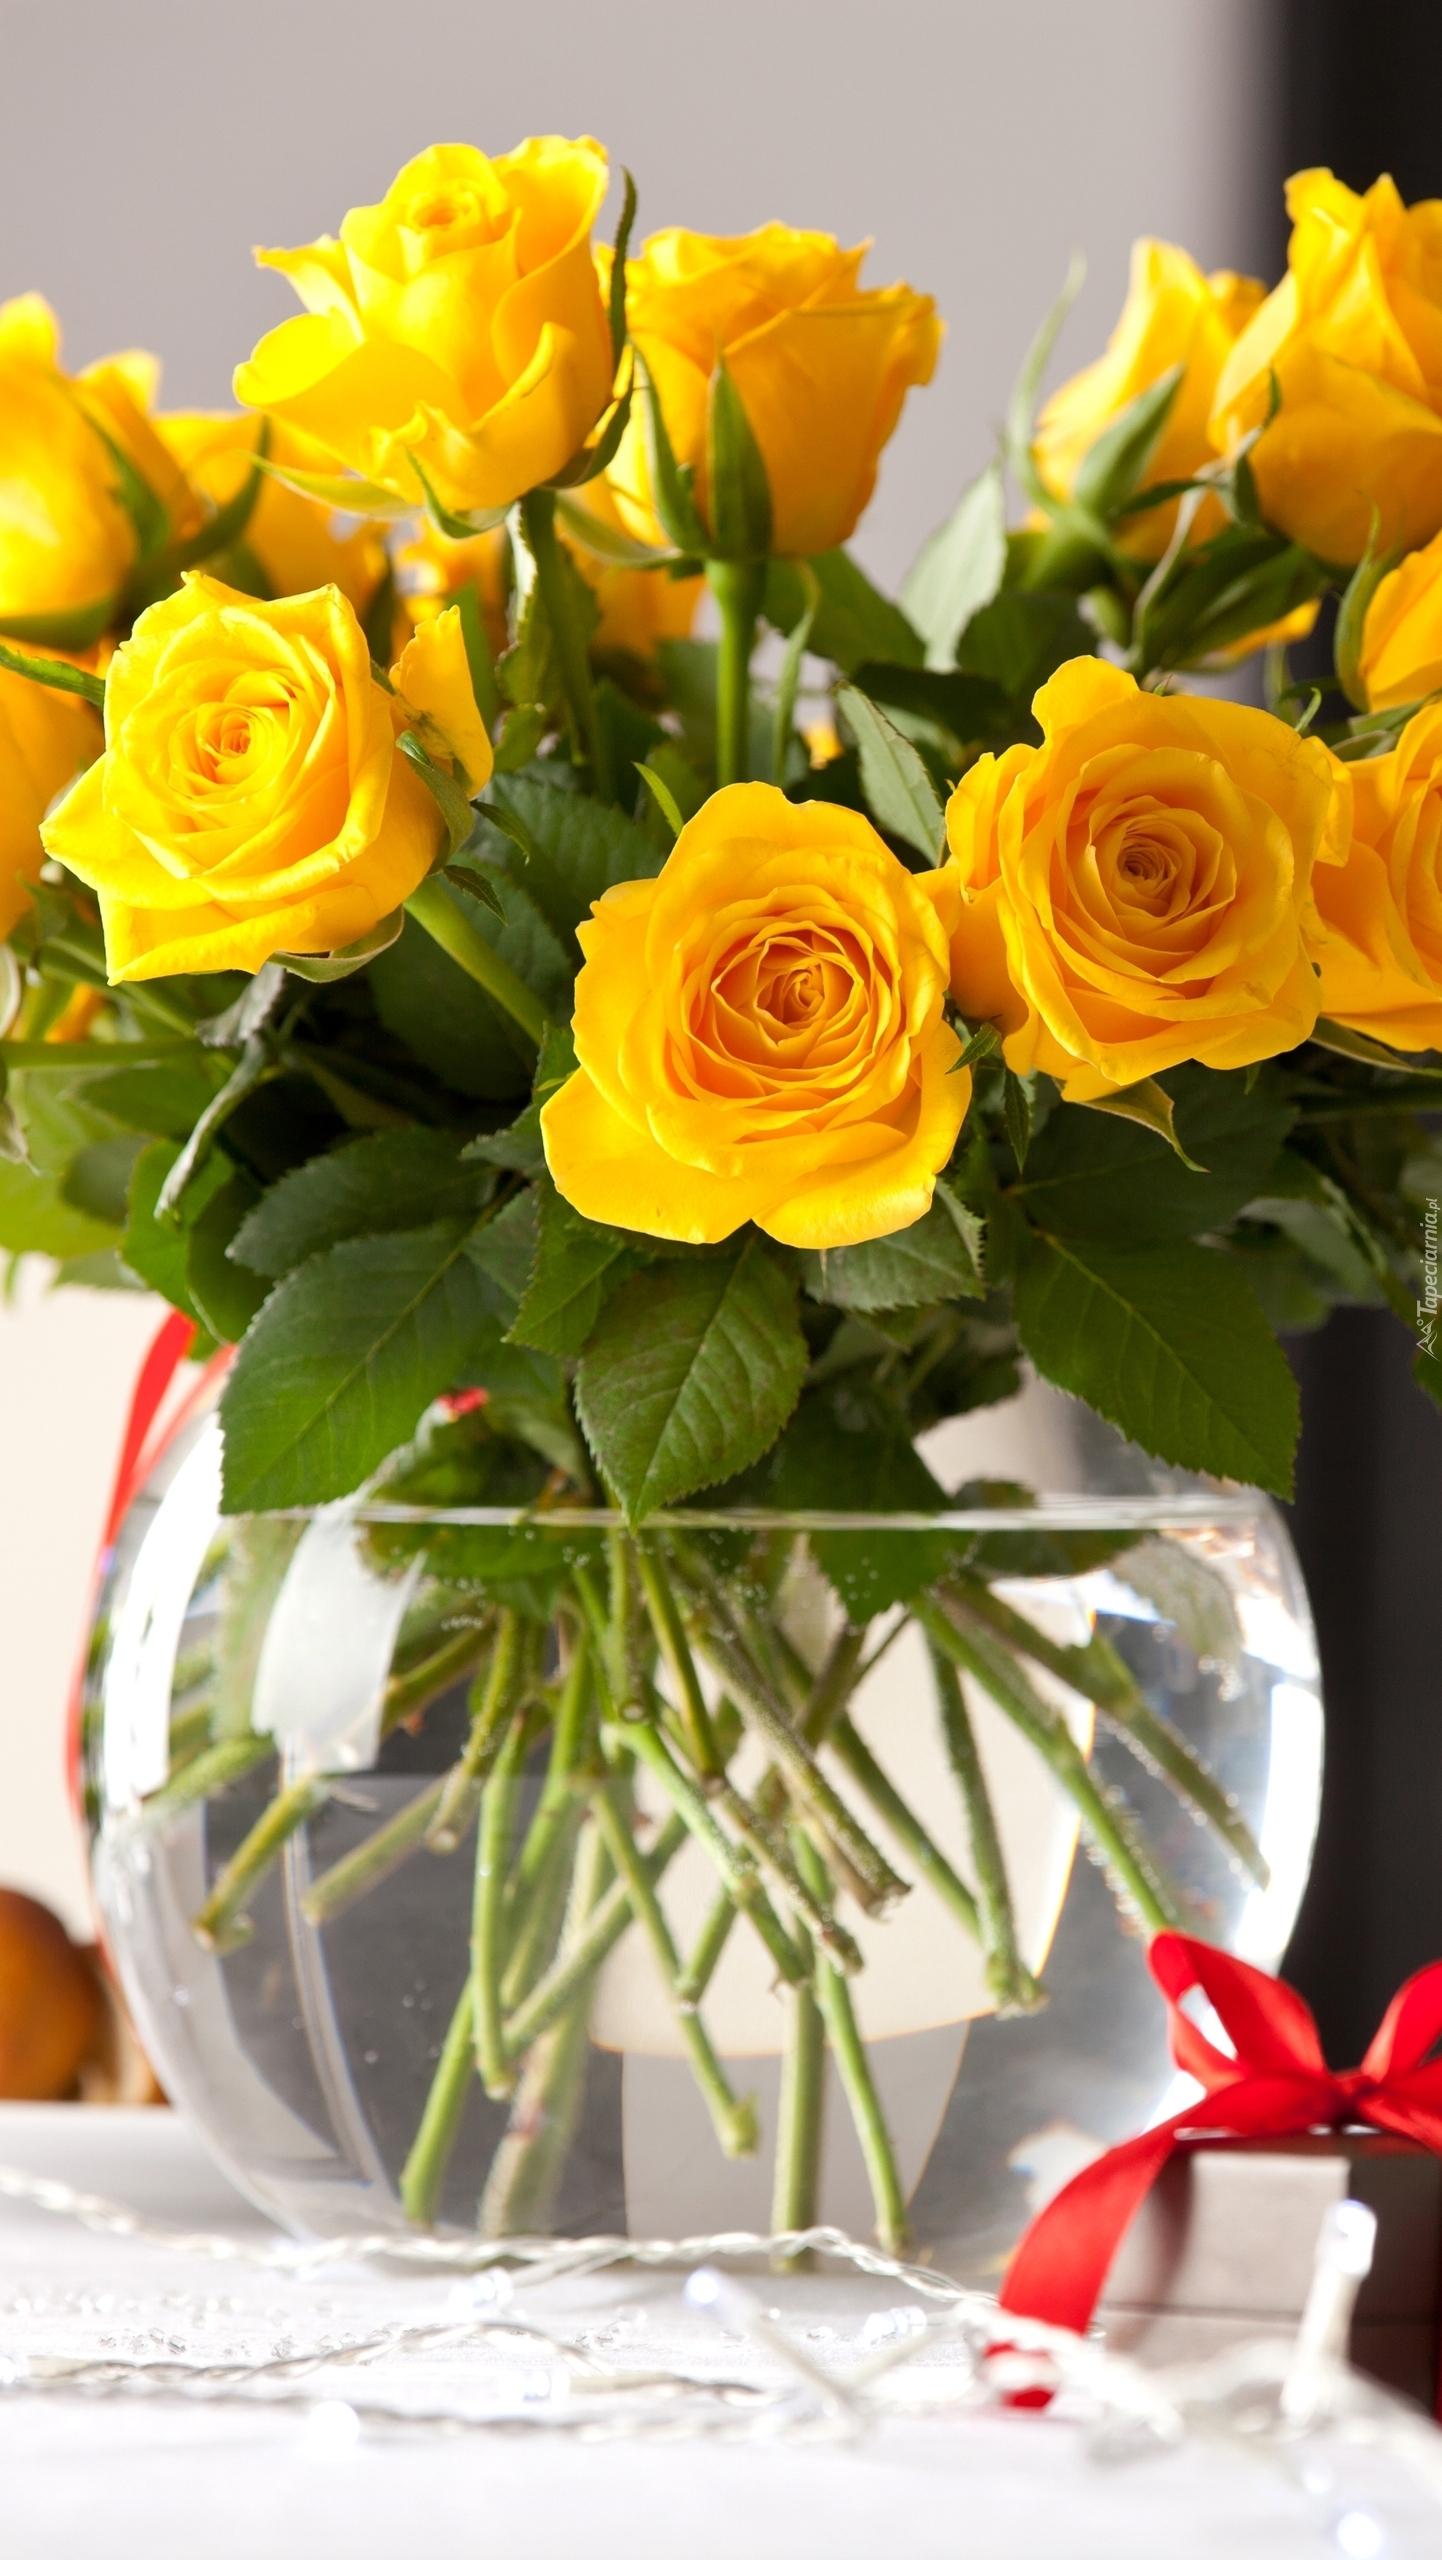 Bukiet żółtych róż w wazonie